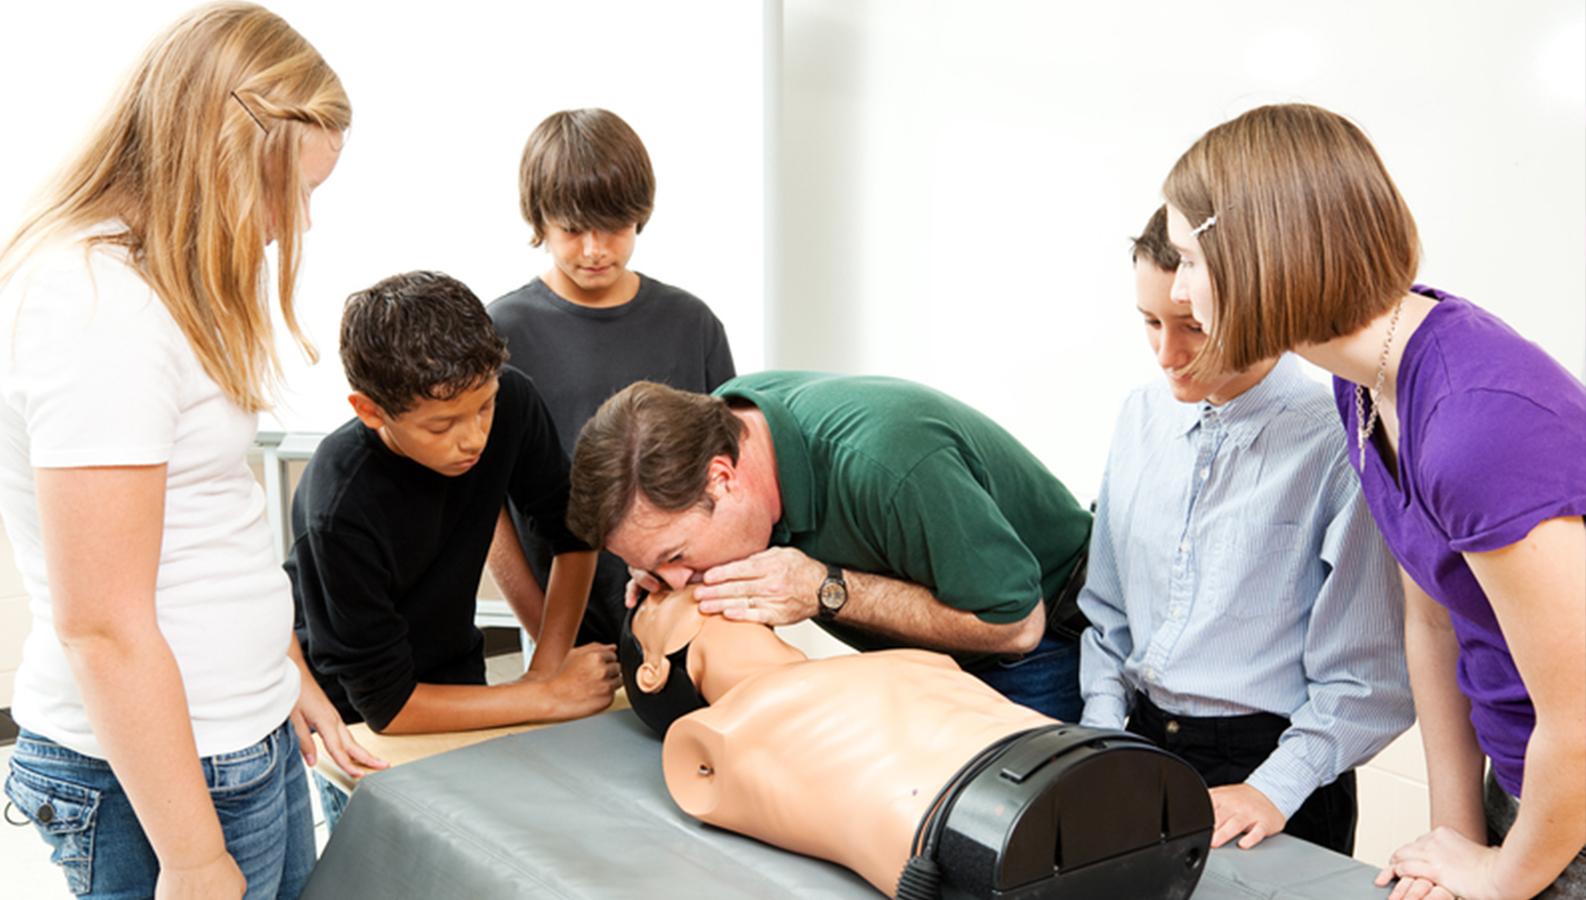 Минздрав унифицирует курс по оказанию первой помощи